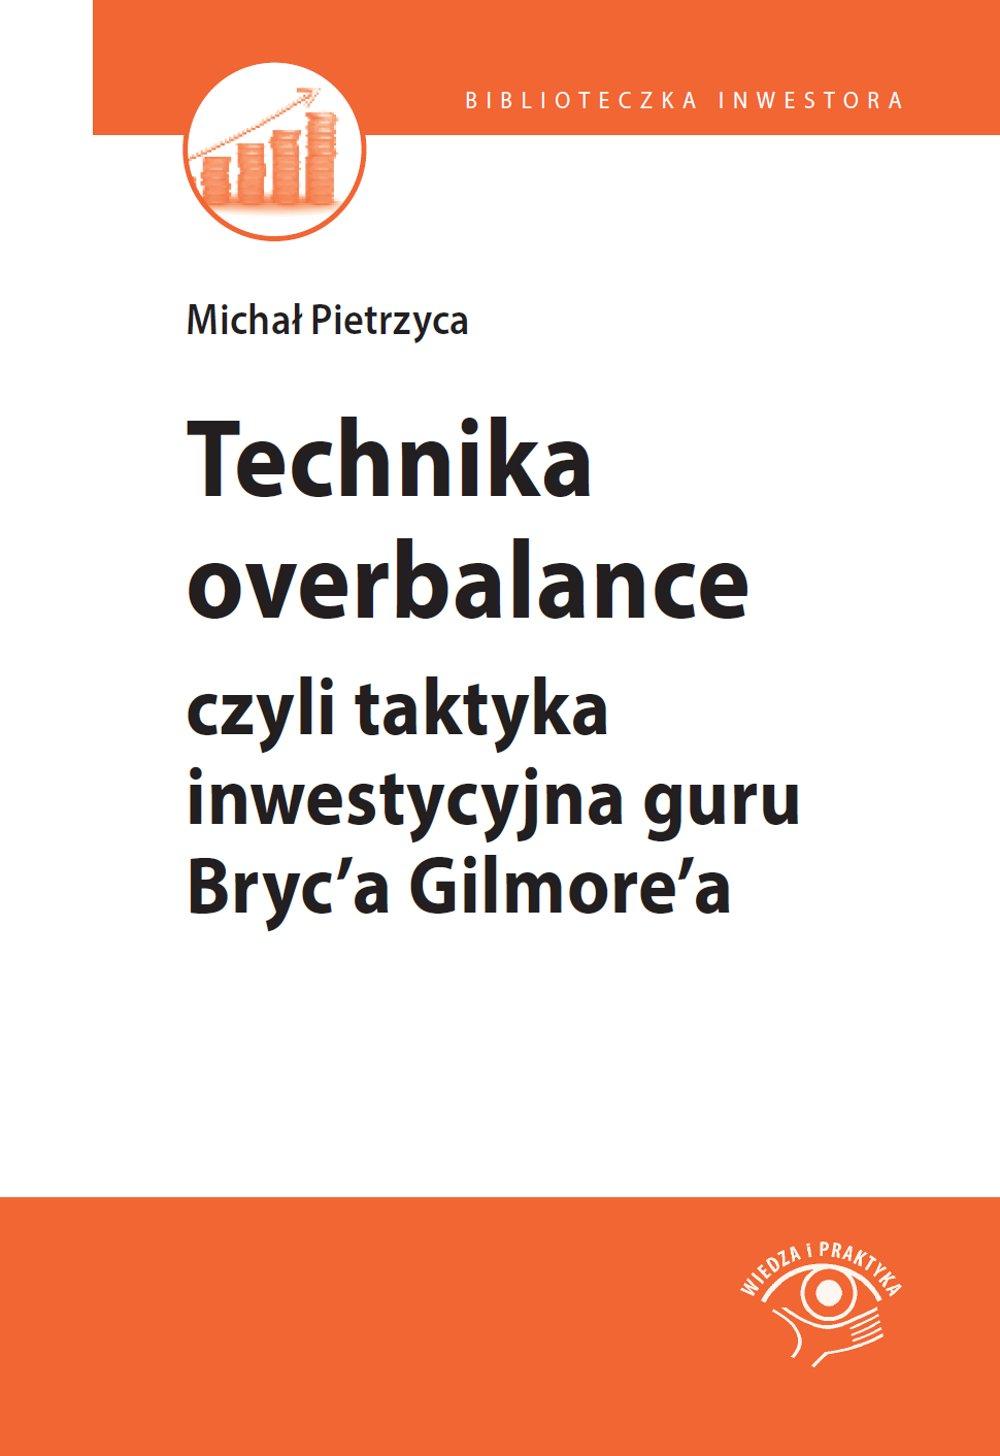 Technika overbalance, czyli taktyka inwestycyjna guru Bryc'a Gilmore'a - Ebook (Książka PDF) do pobrania w formacie PDF